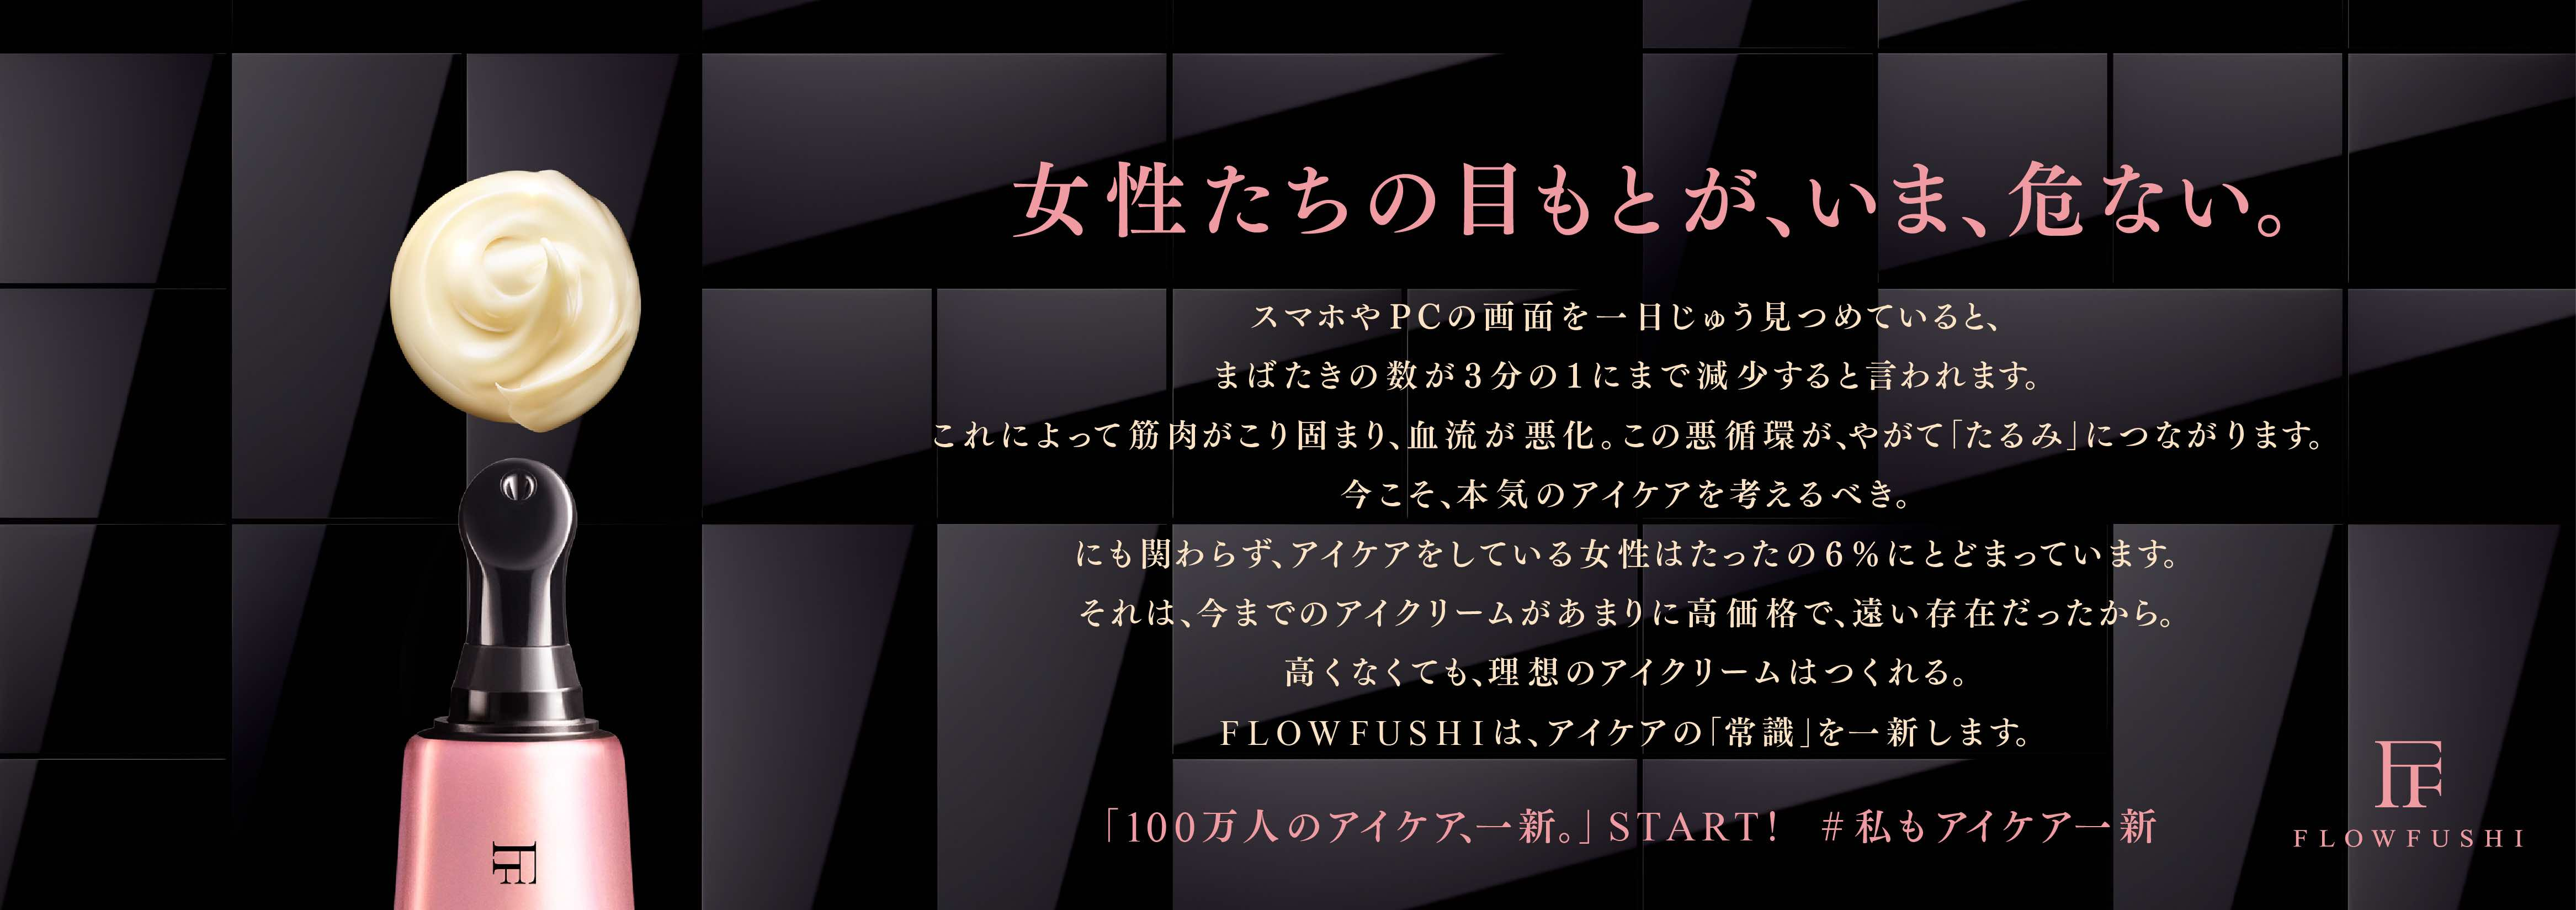 11190_ff_ec_02